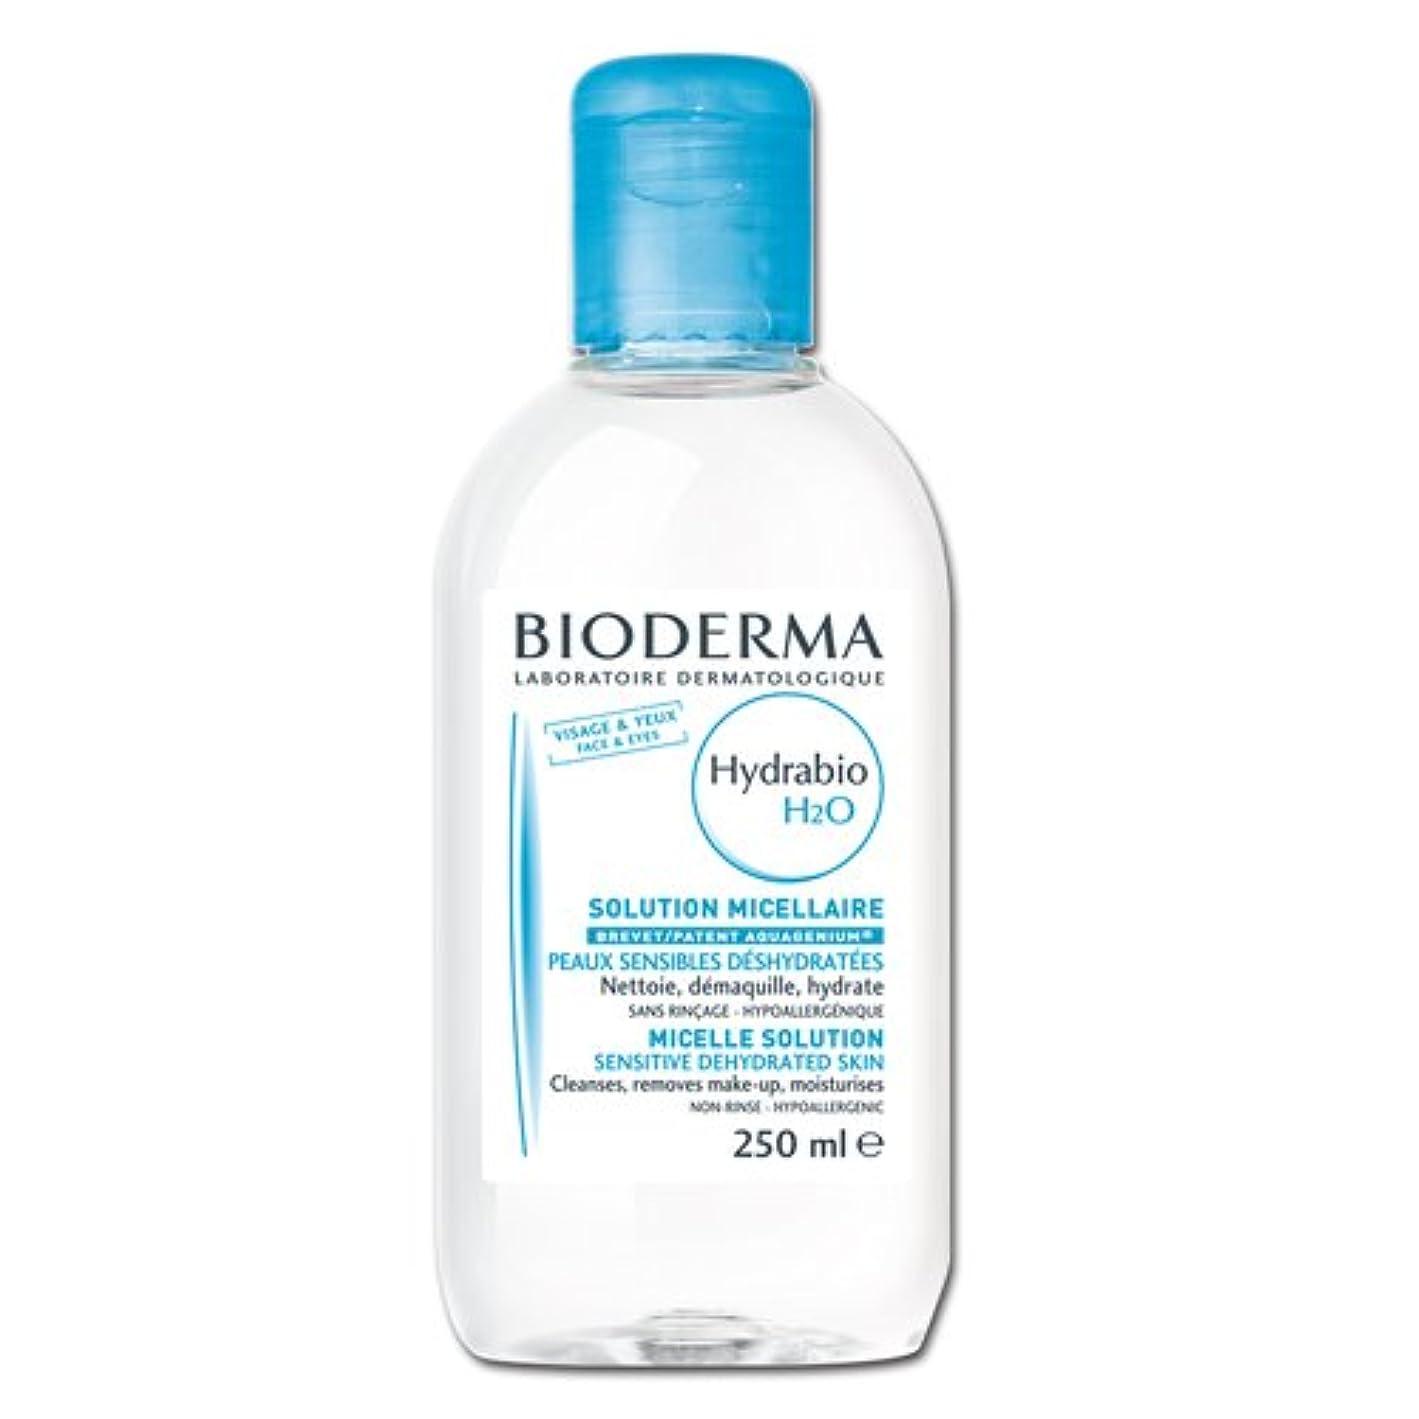 保存吸収するフリッパーBioderma ビオデルマ イドラビオ エイチツーオー D (H2O) 250ml [並行輸入品]